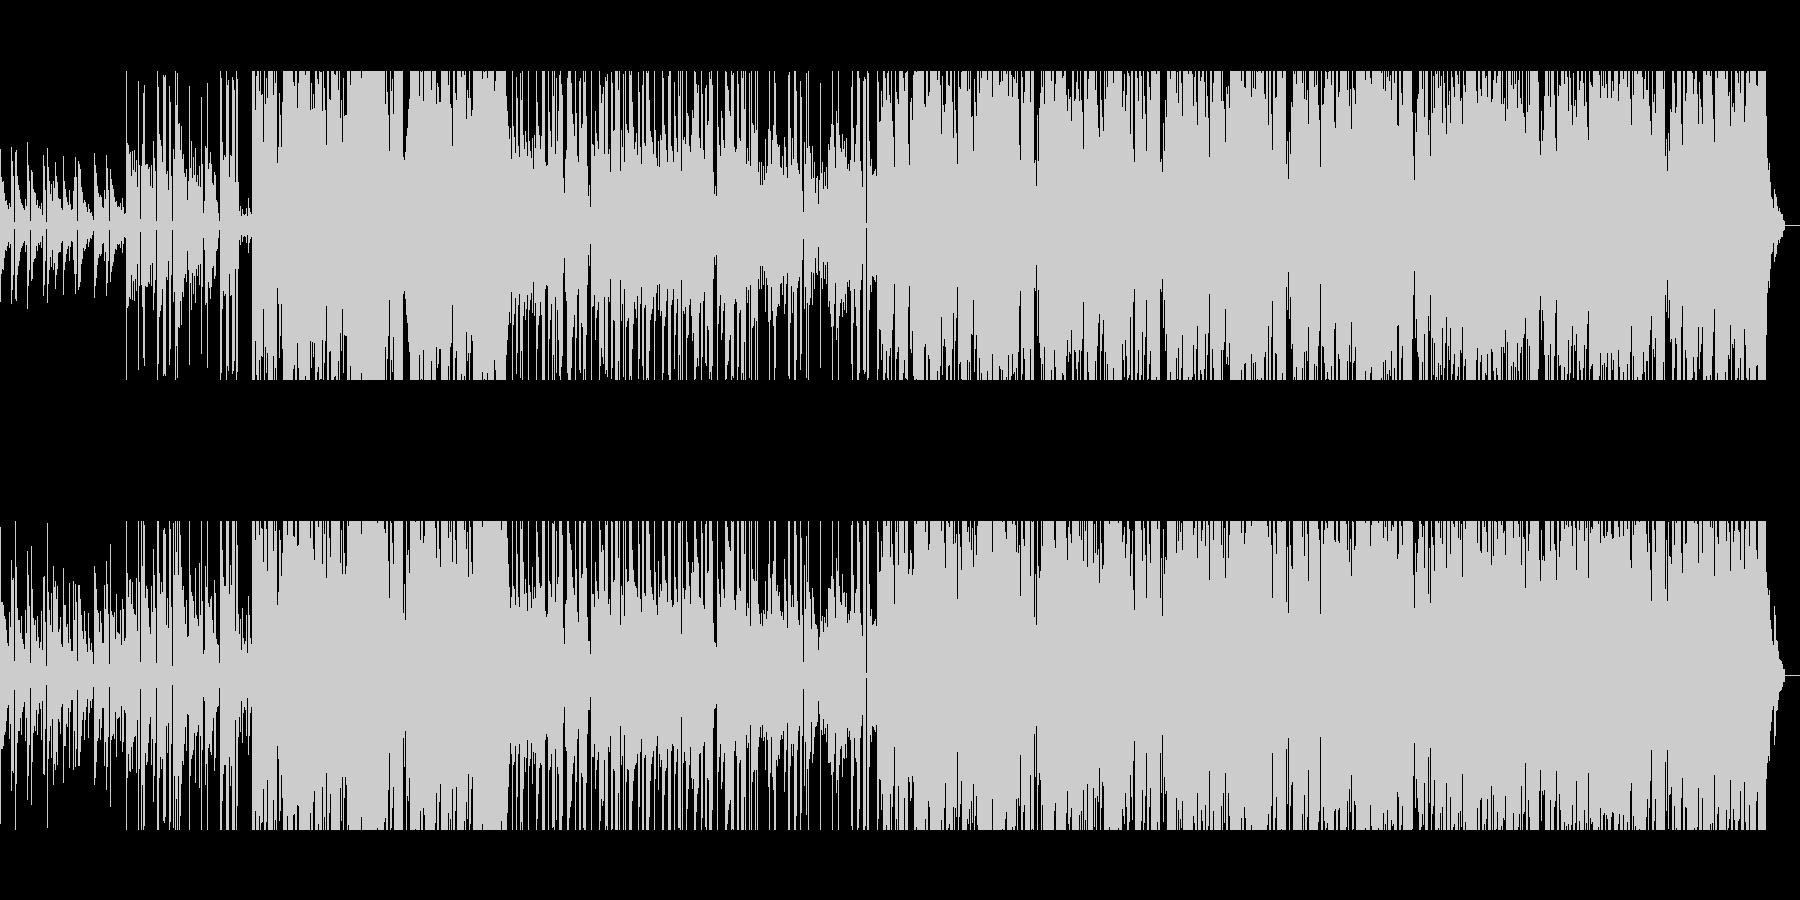 【短いVer1】80年代風洋楽バラードの未再生の波形